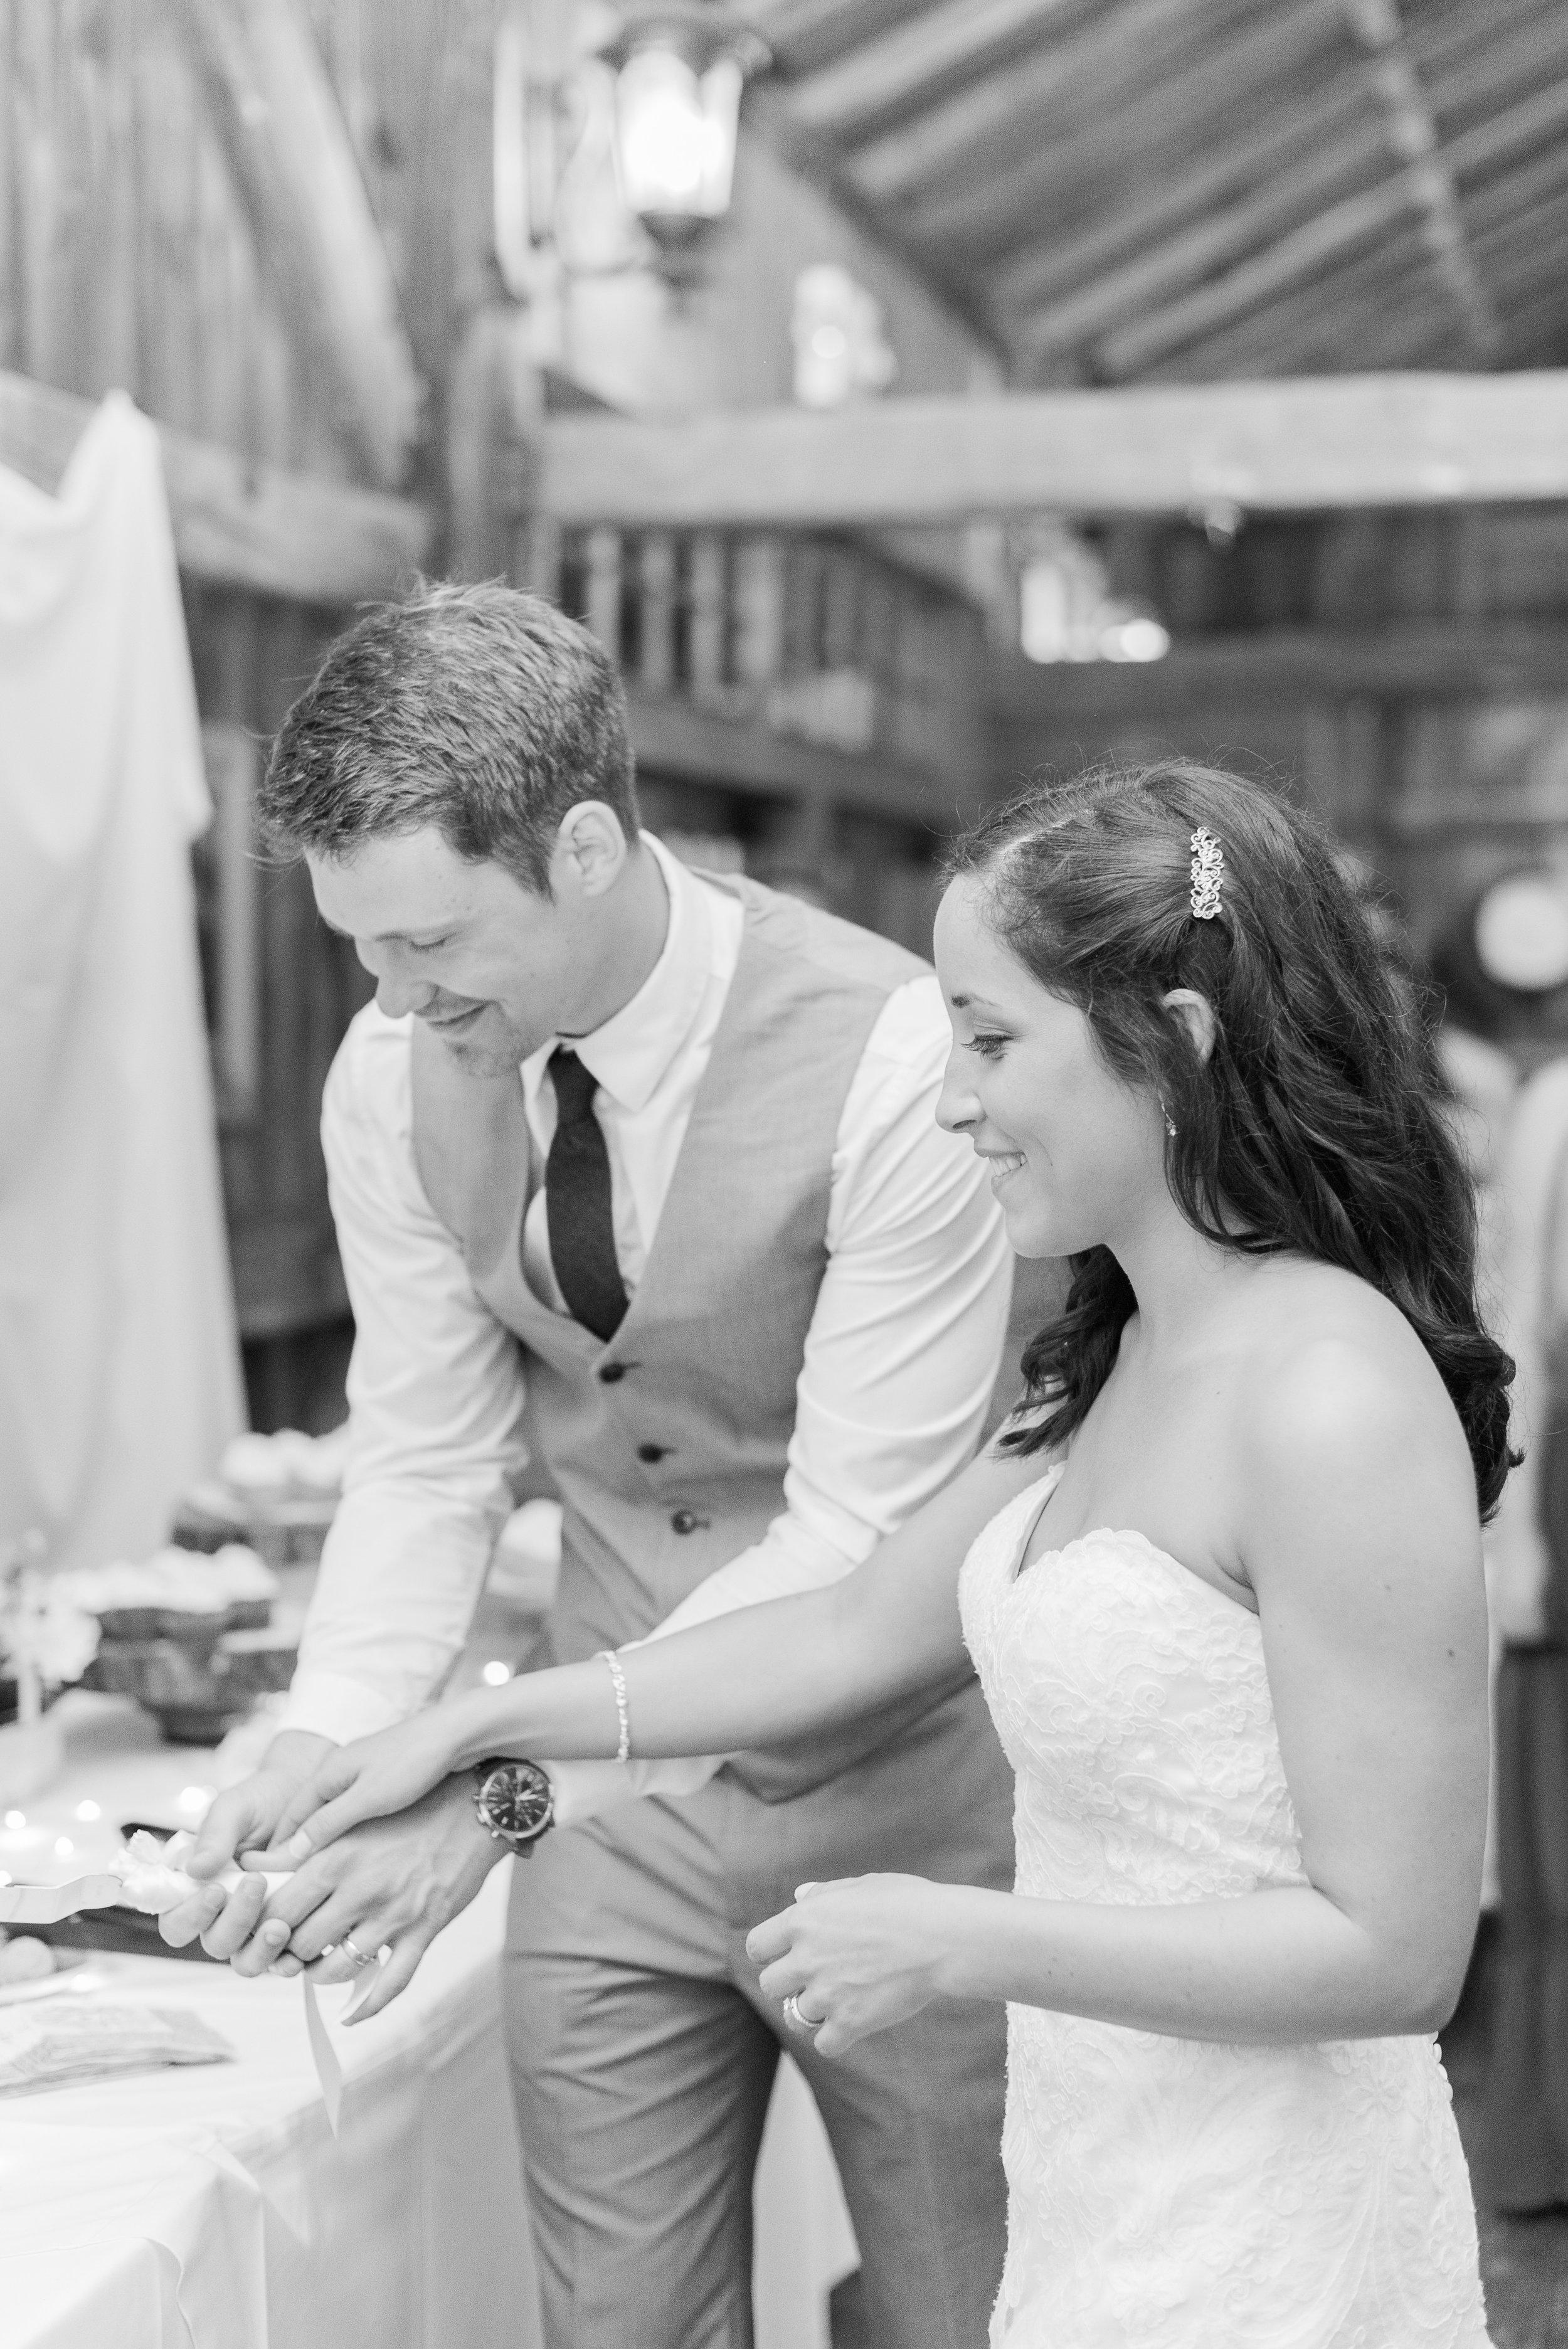 Favorites-2017-05-20 Sarah Marcus Wedding13936-162.jpg